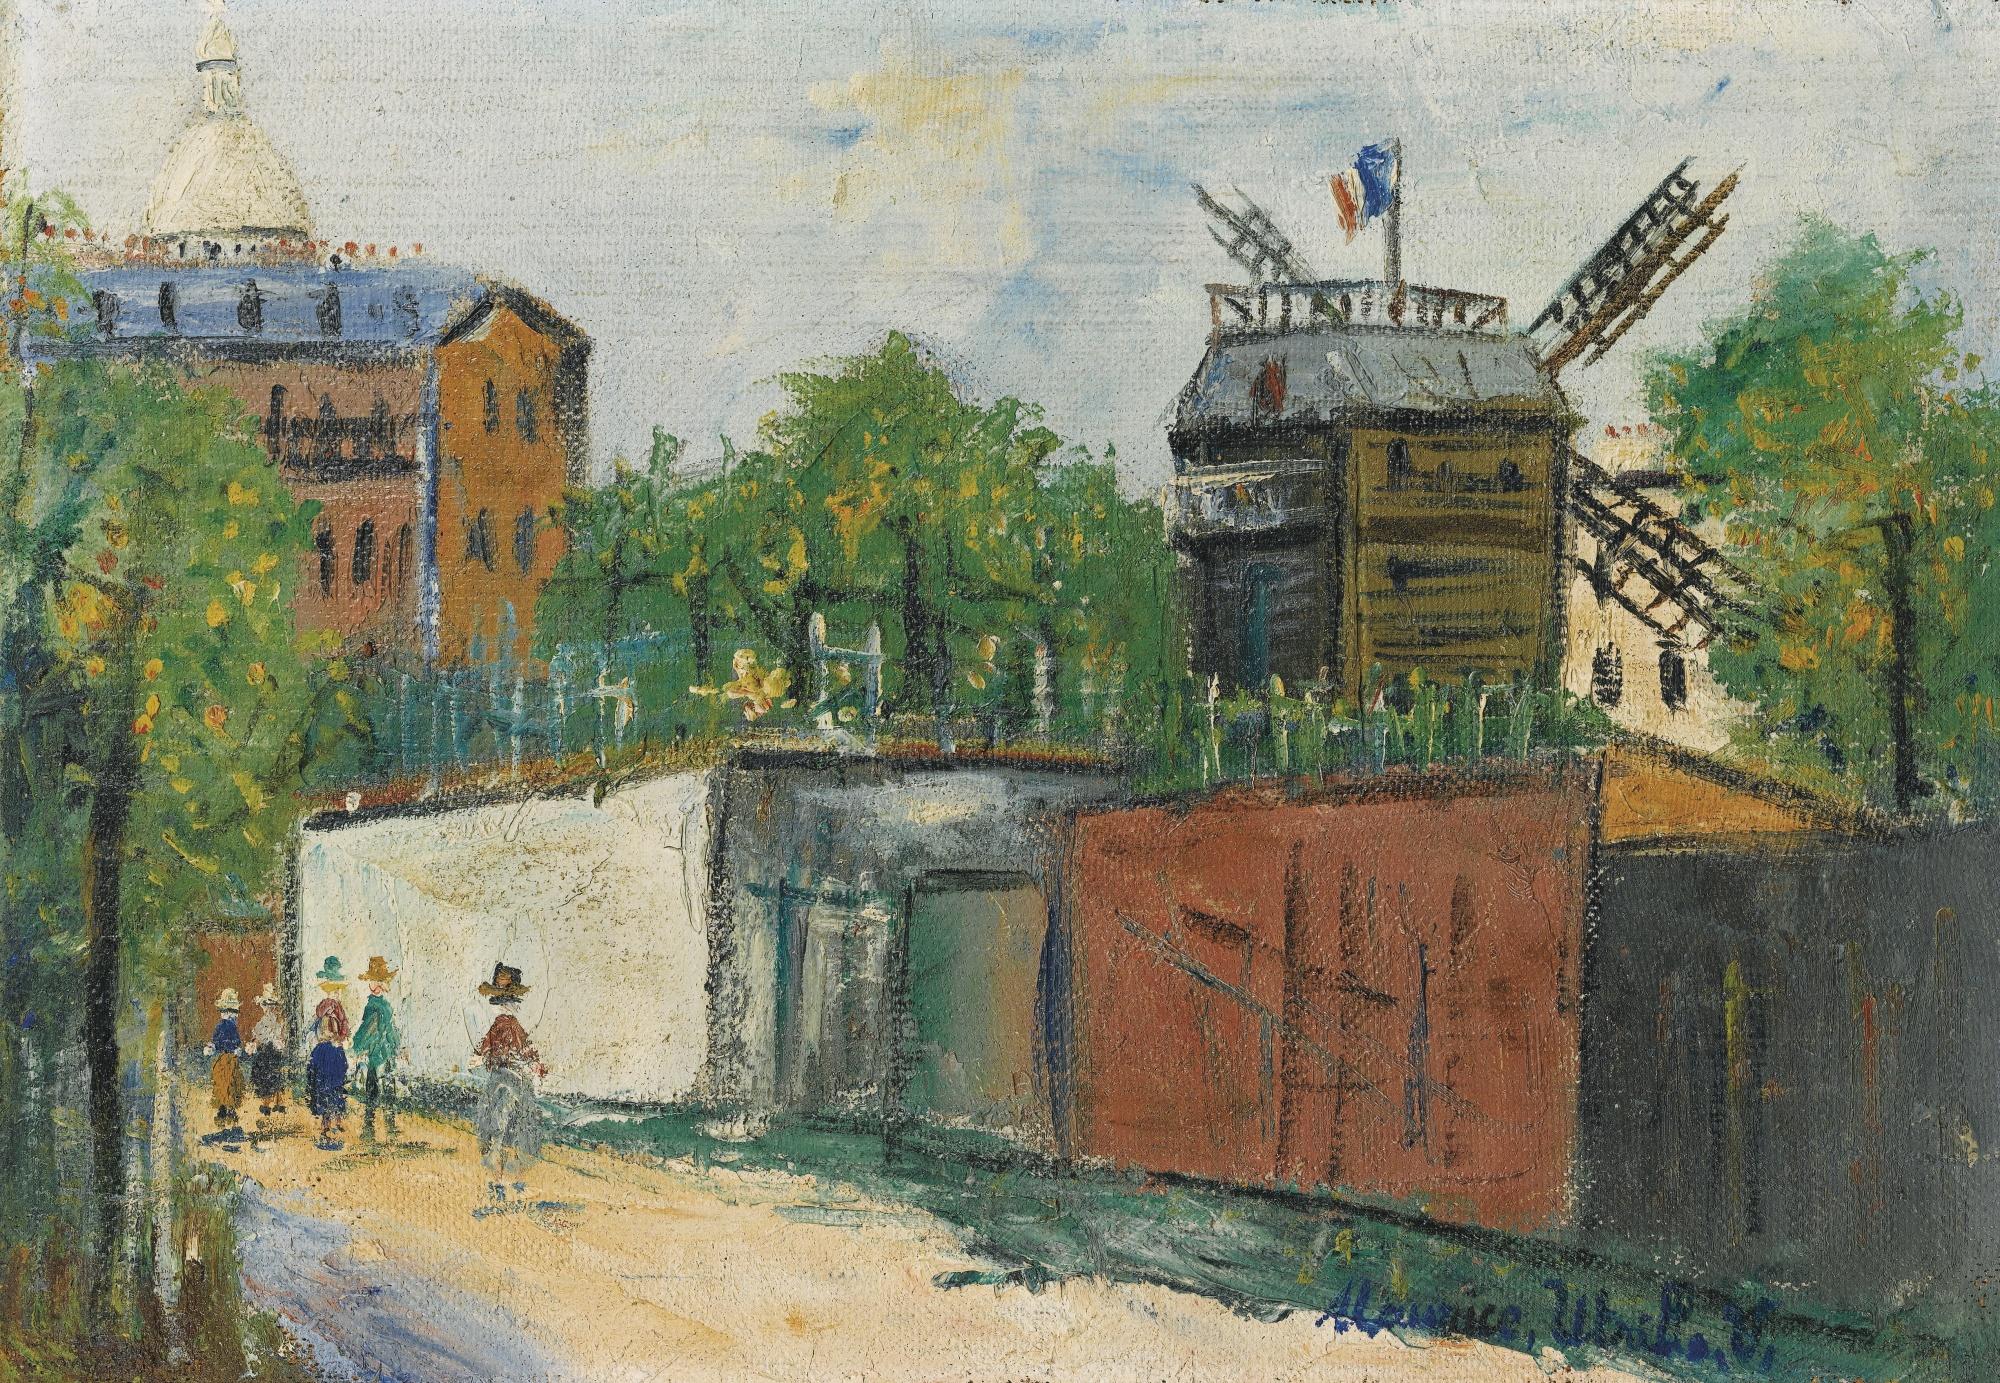 Maurice Utrillo-Moulin De La Galette, Montmartre-1944